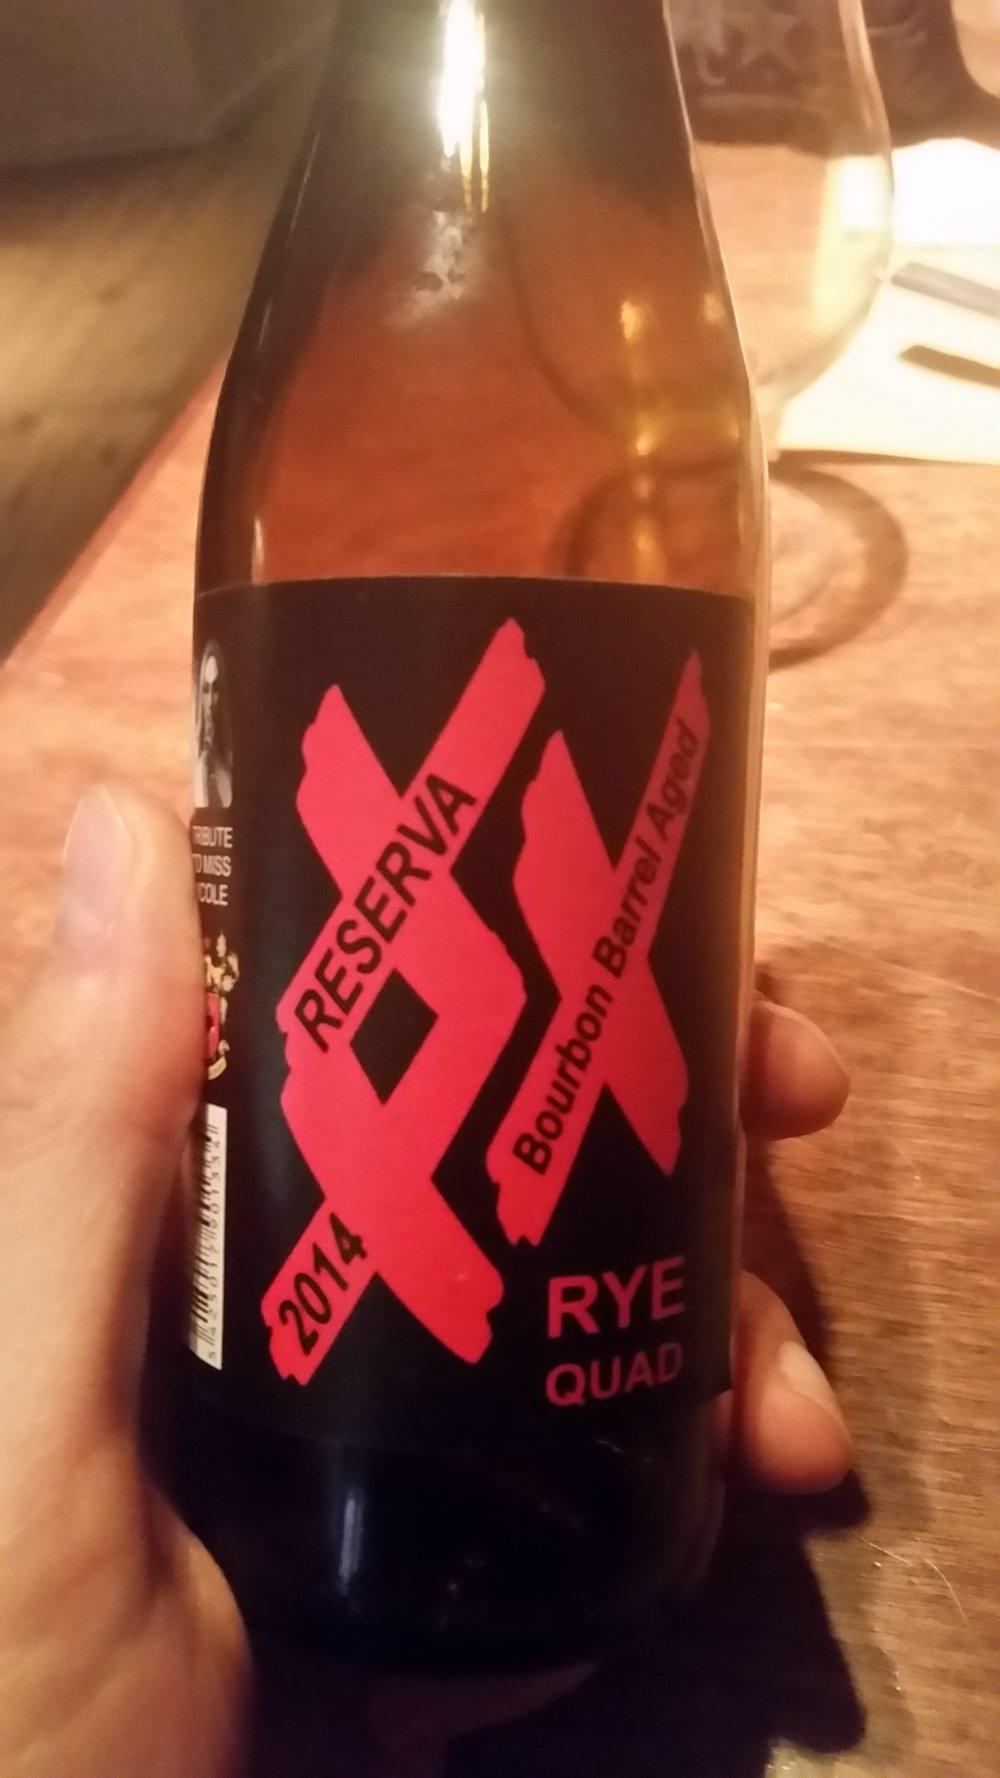 struise-xxx-rye-quad-reserva